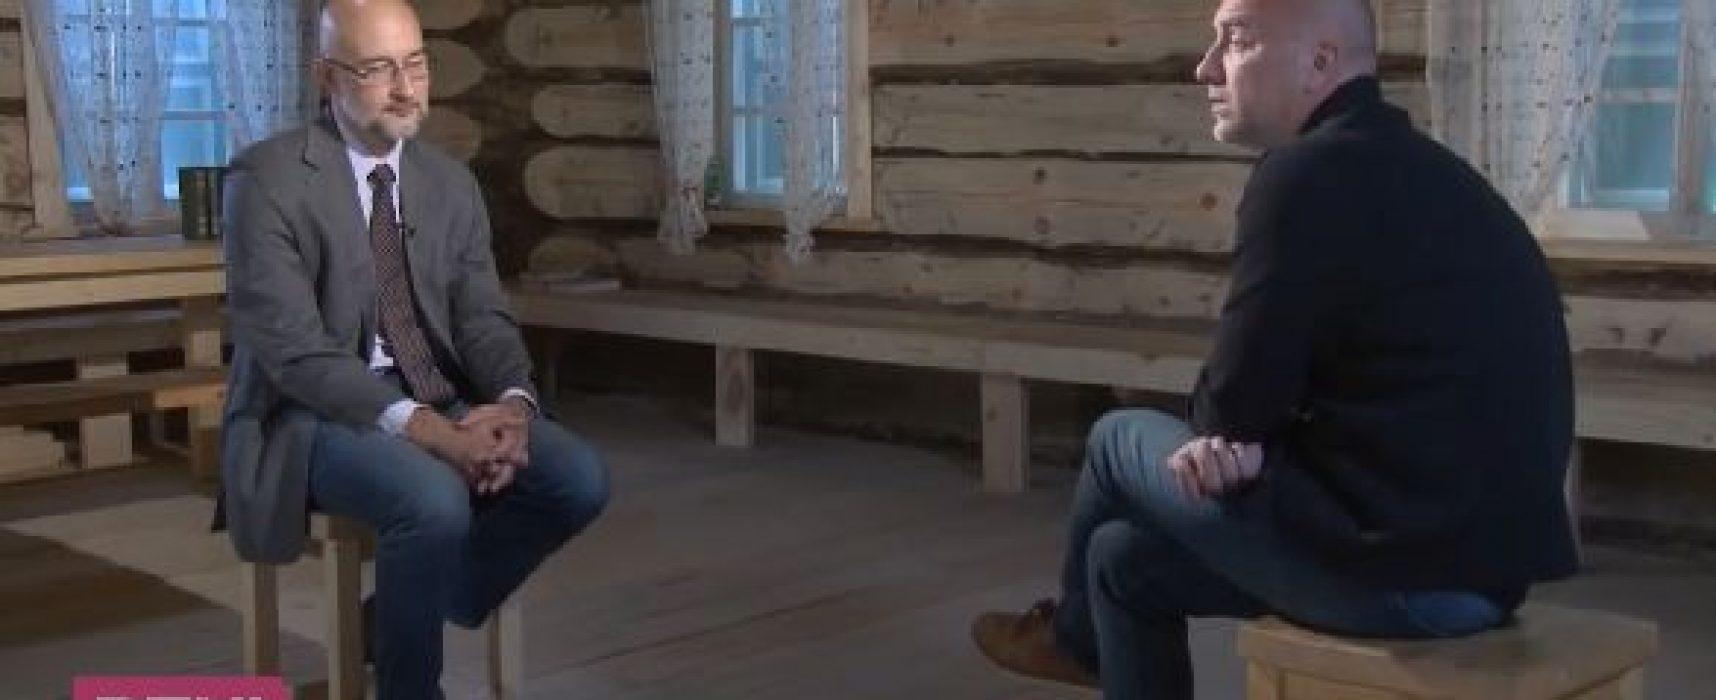 Запрещенный Нацсоветом канал RTVI взял интервью у Прилепина о Захарченко